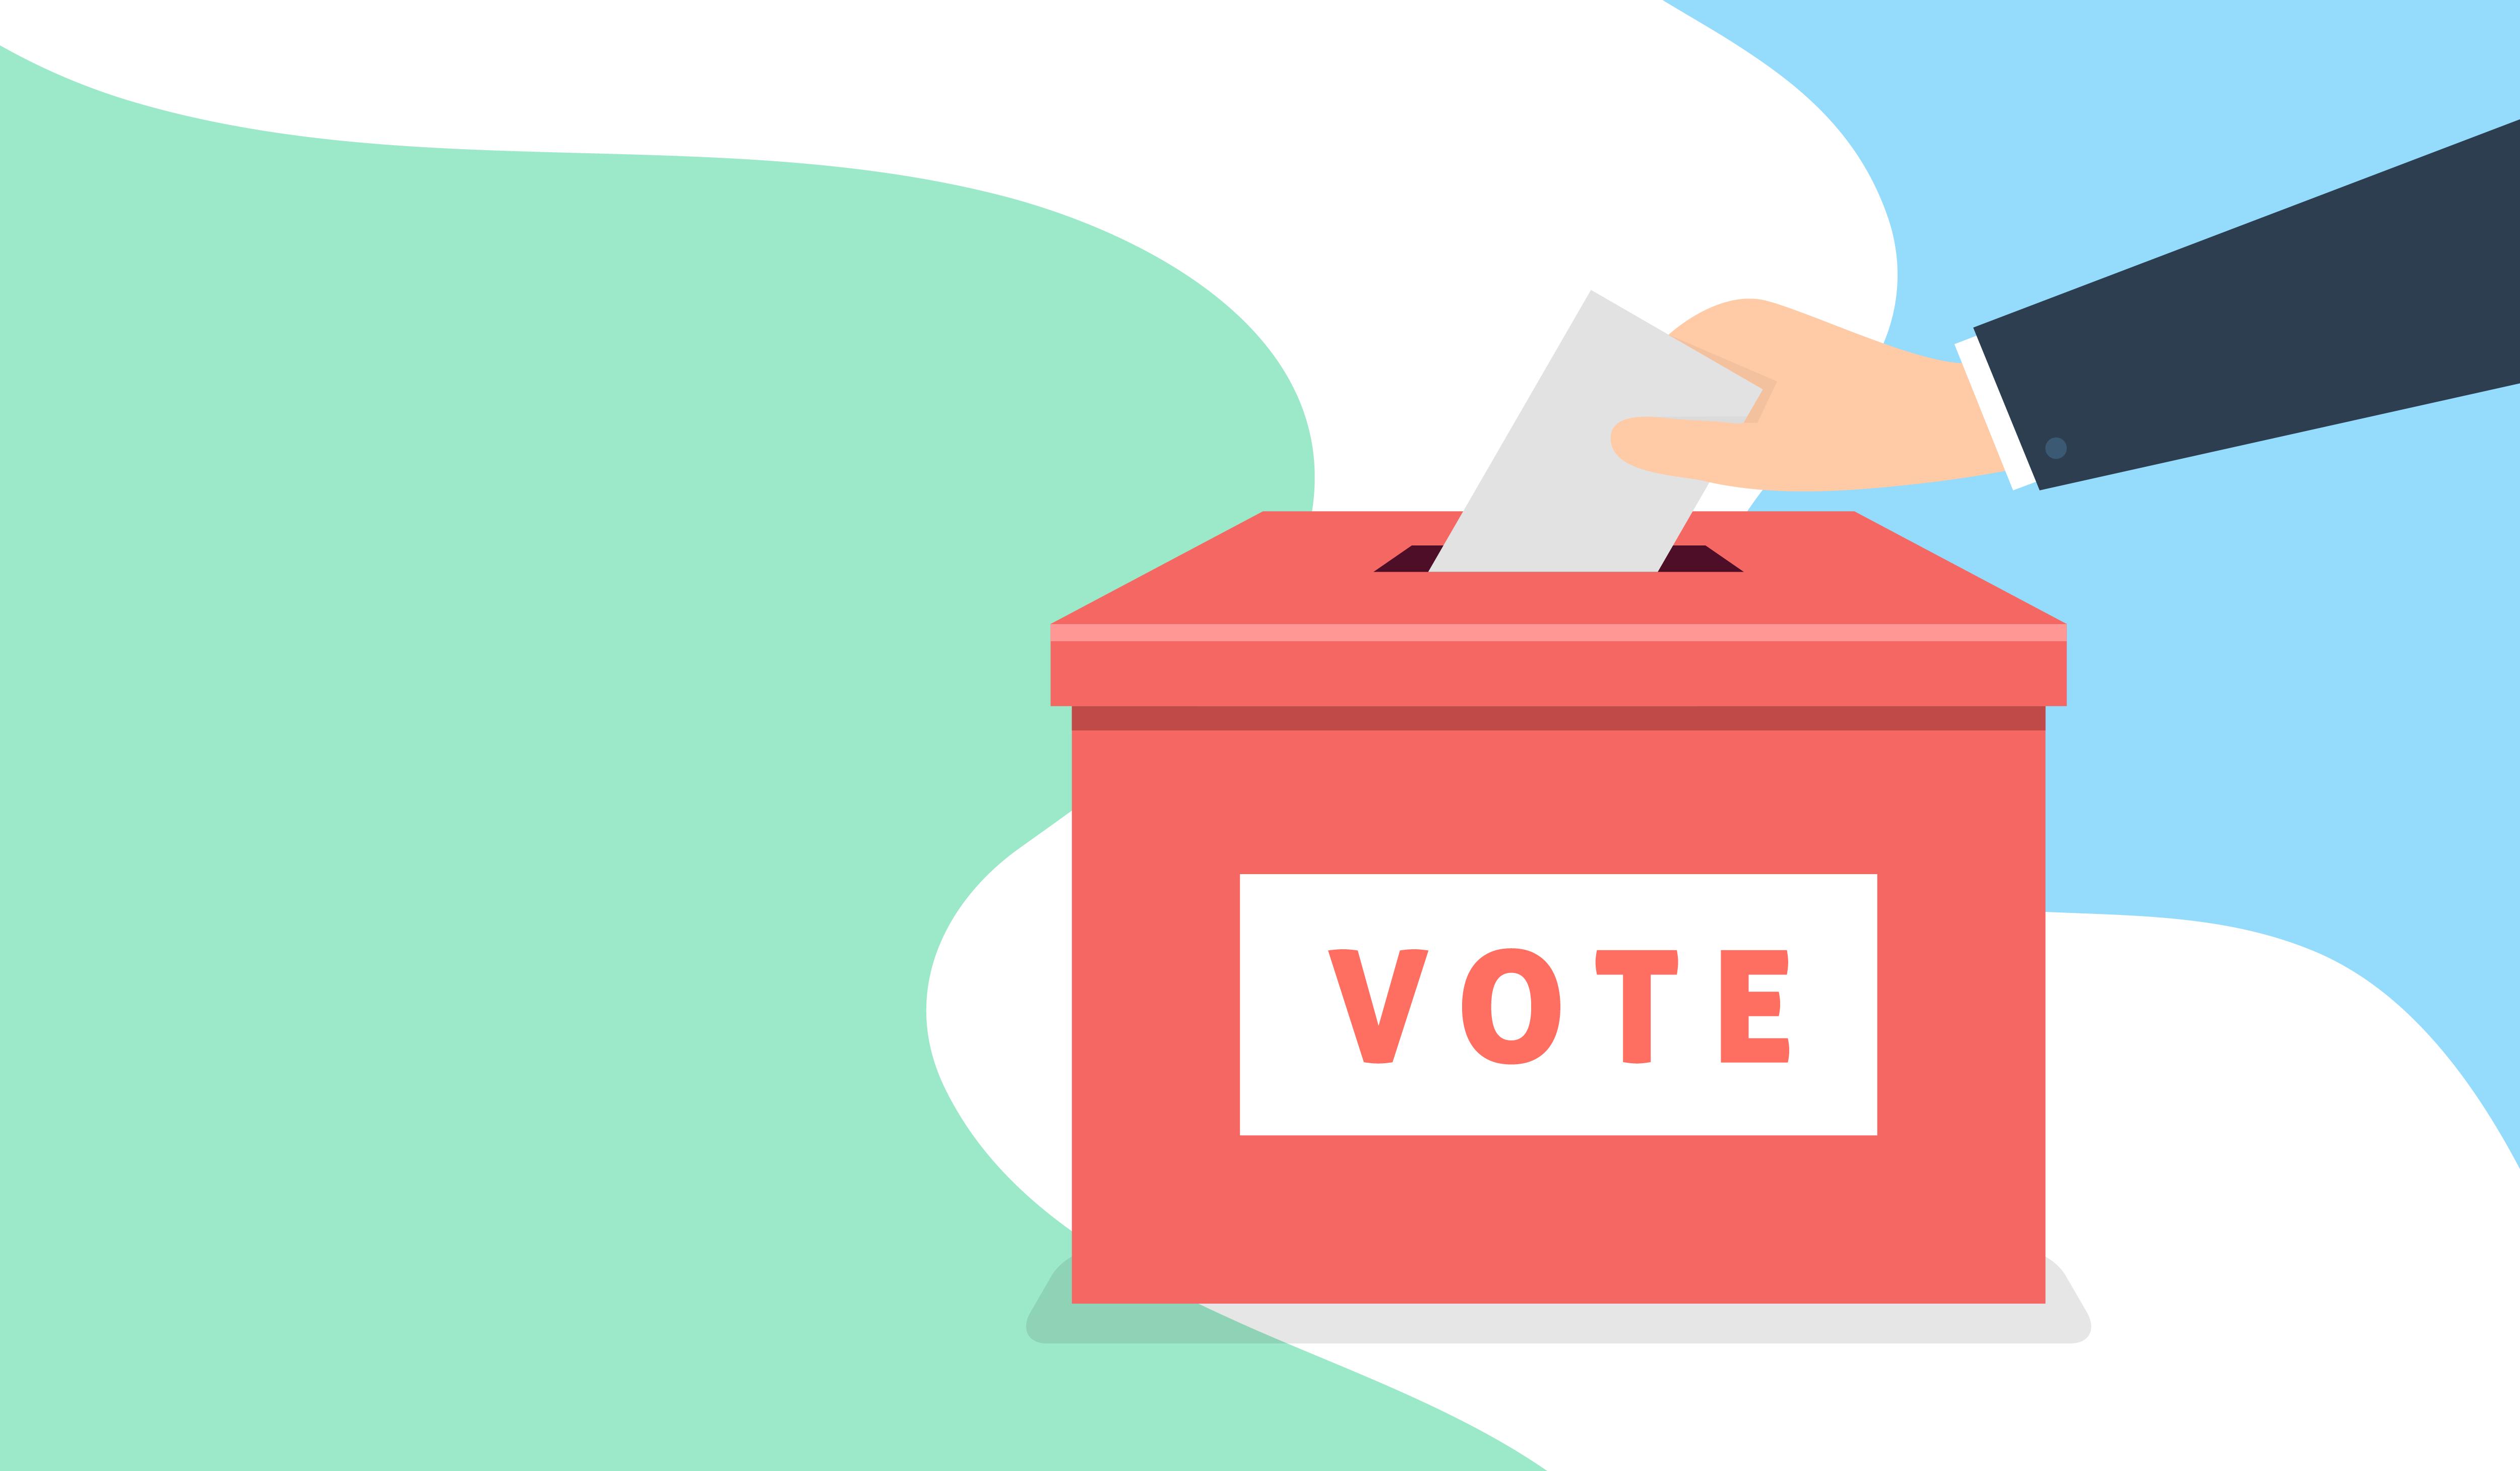 نکاتی برای پیروزی در انتخابات ۱۴۰۰